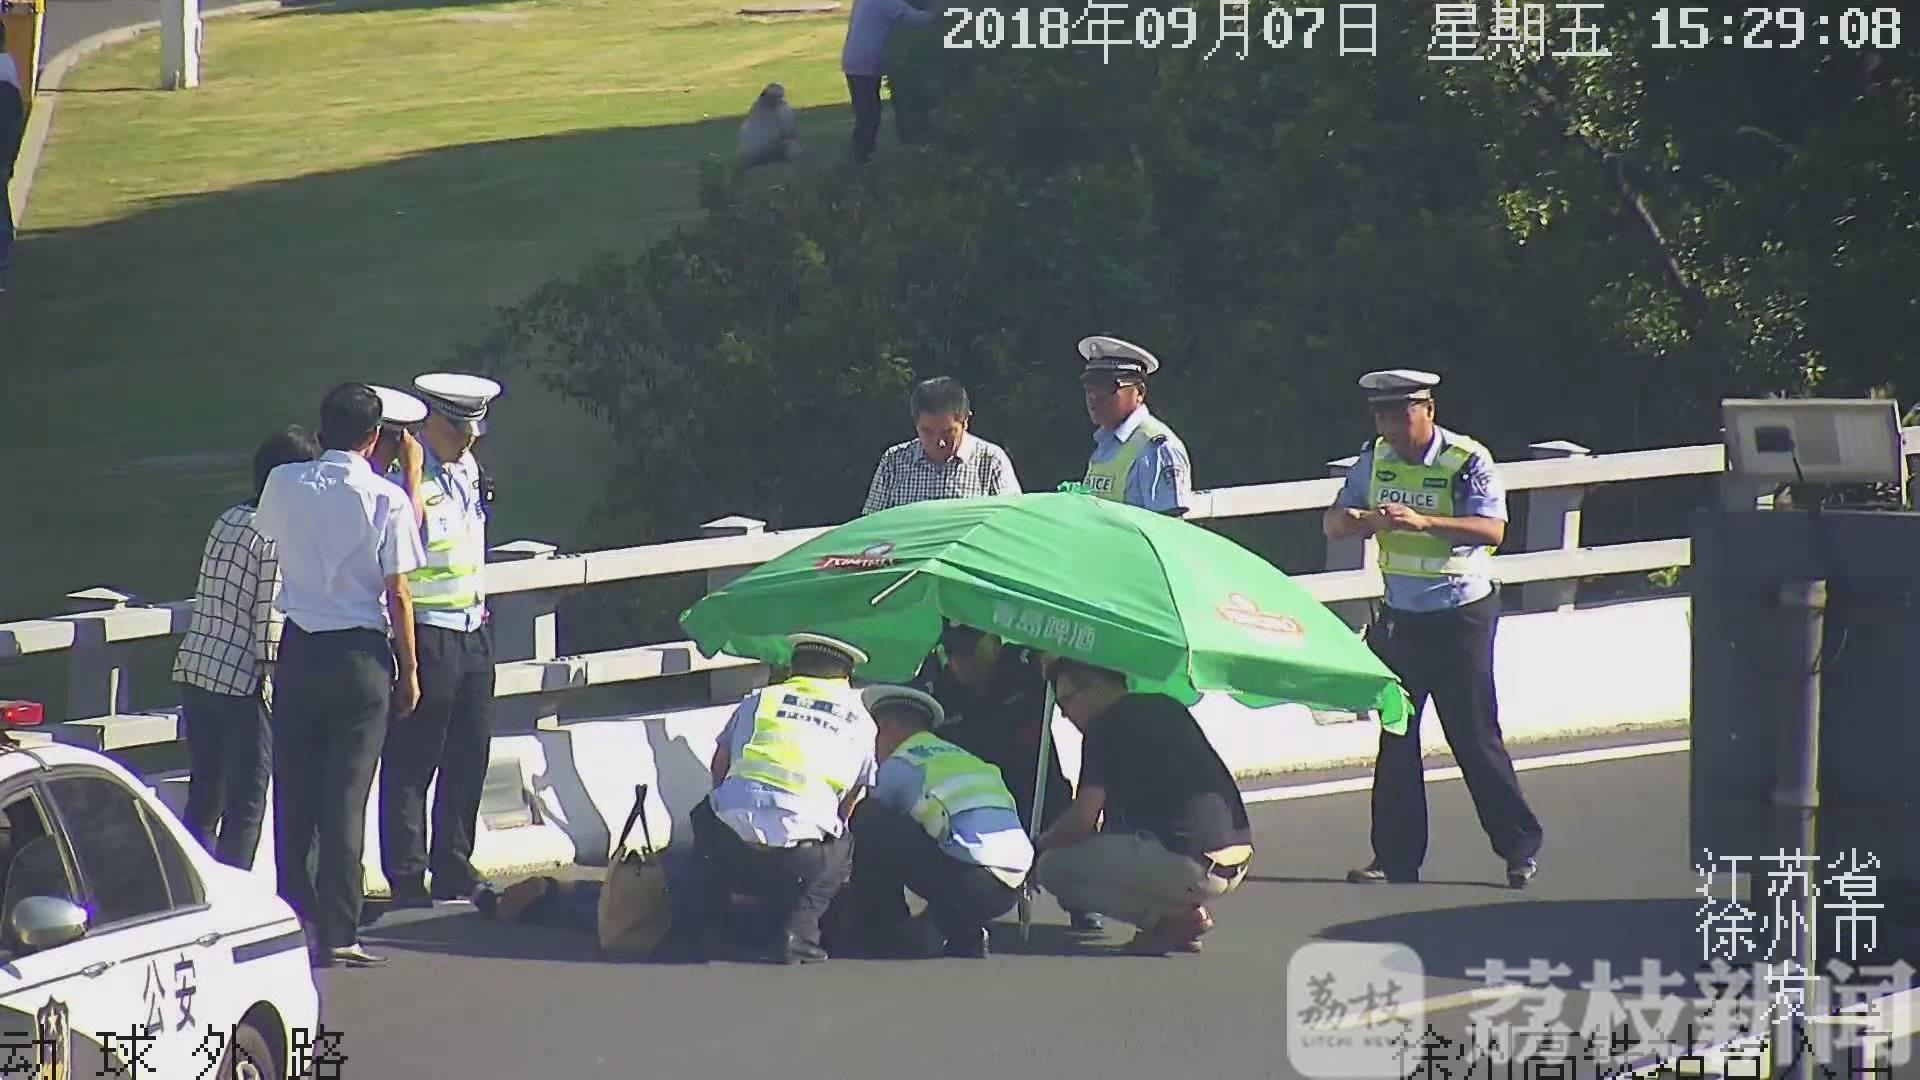 徐州:女子高铁送站平台晕倒 警民联手撑伞营救